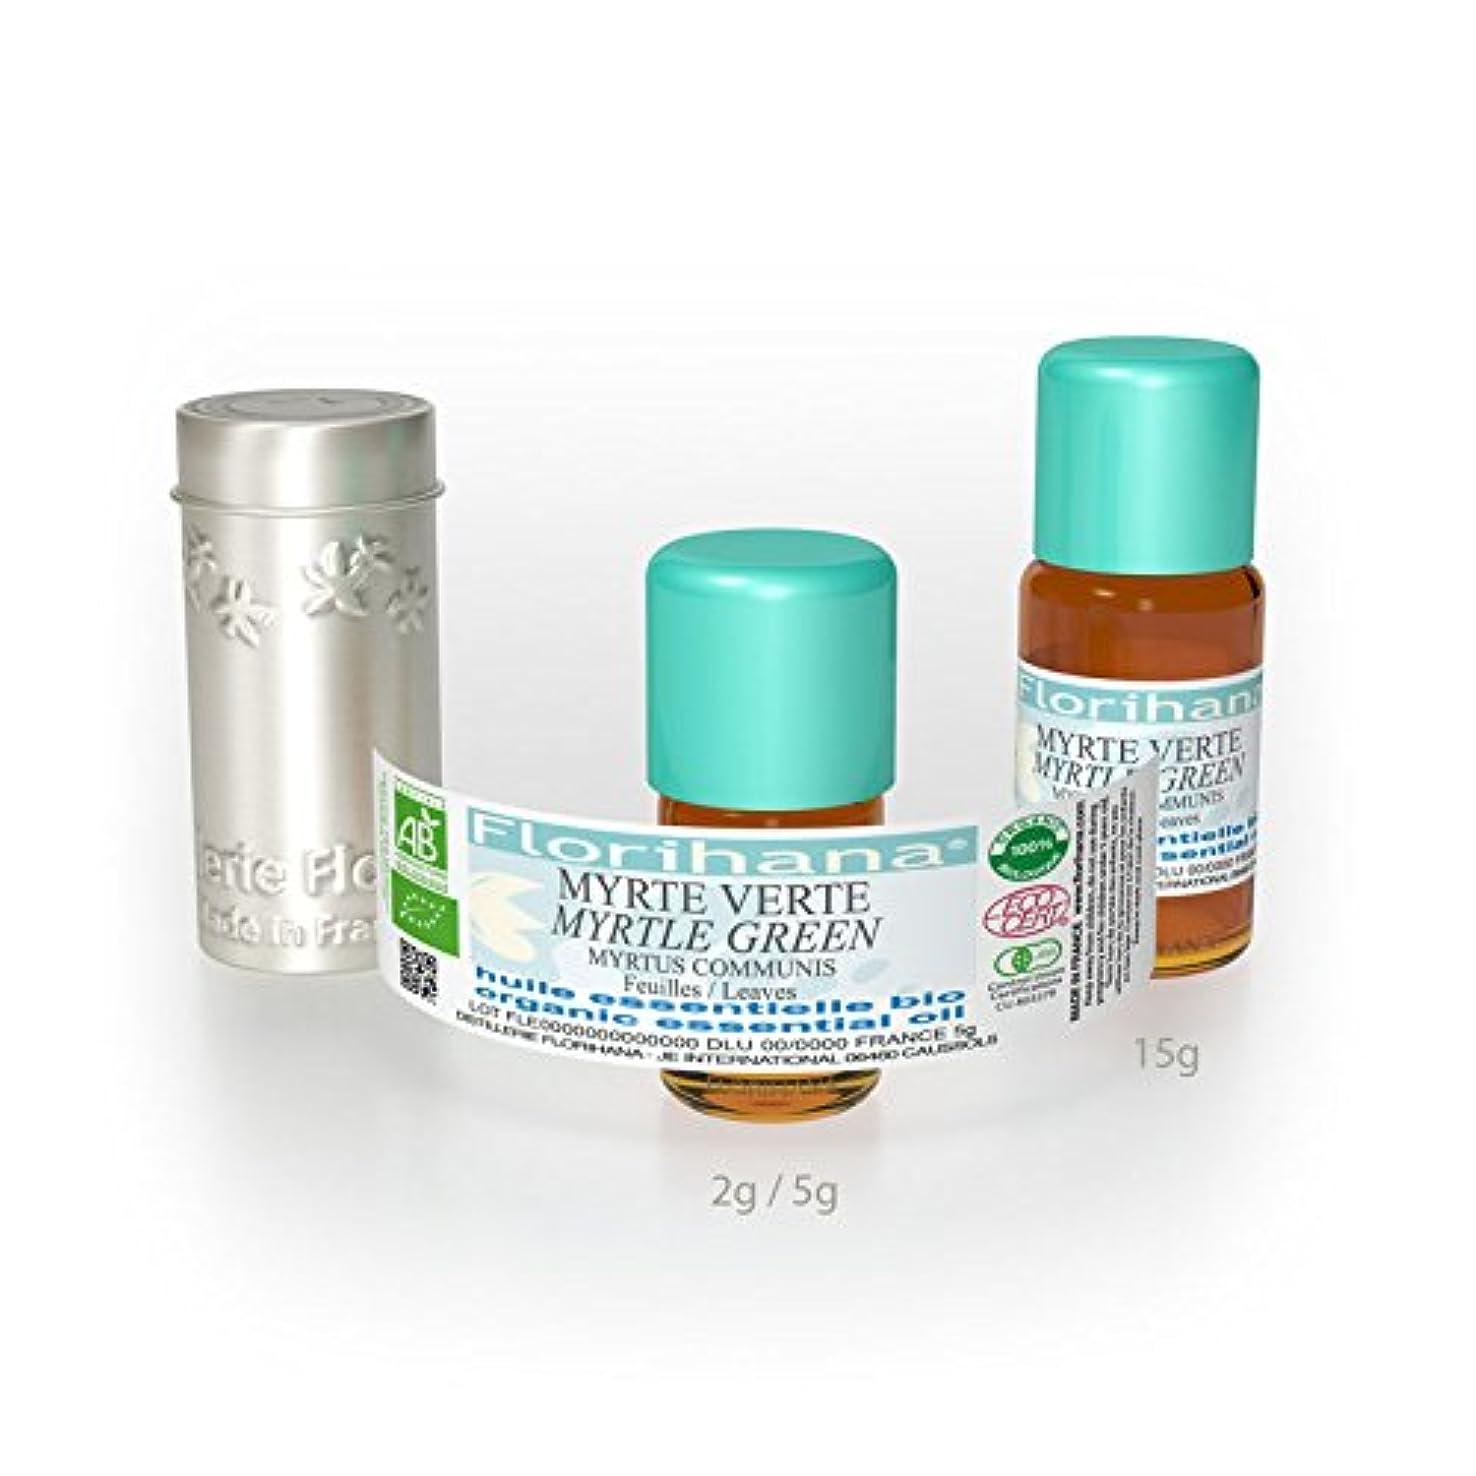 流用する毒性勇敢なオーガニック エッセンシャルオイル グリーンマートル 15g(17ml)